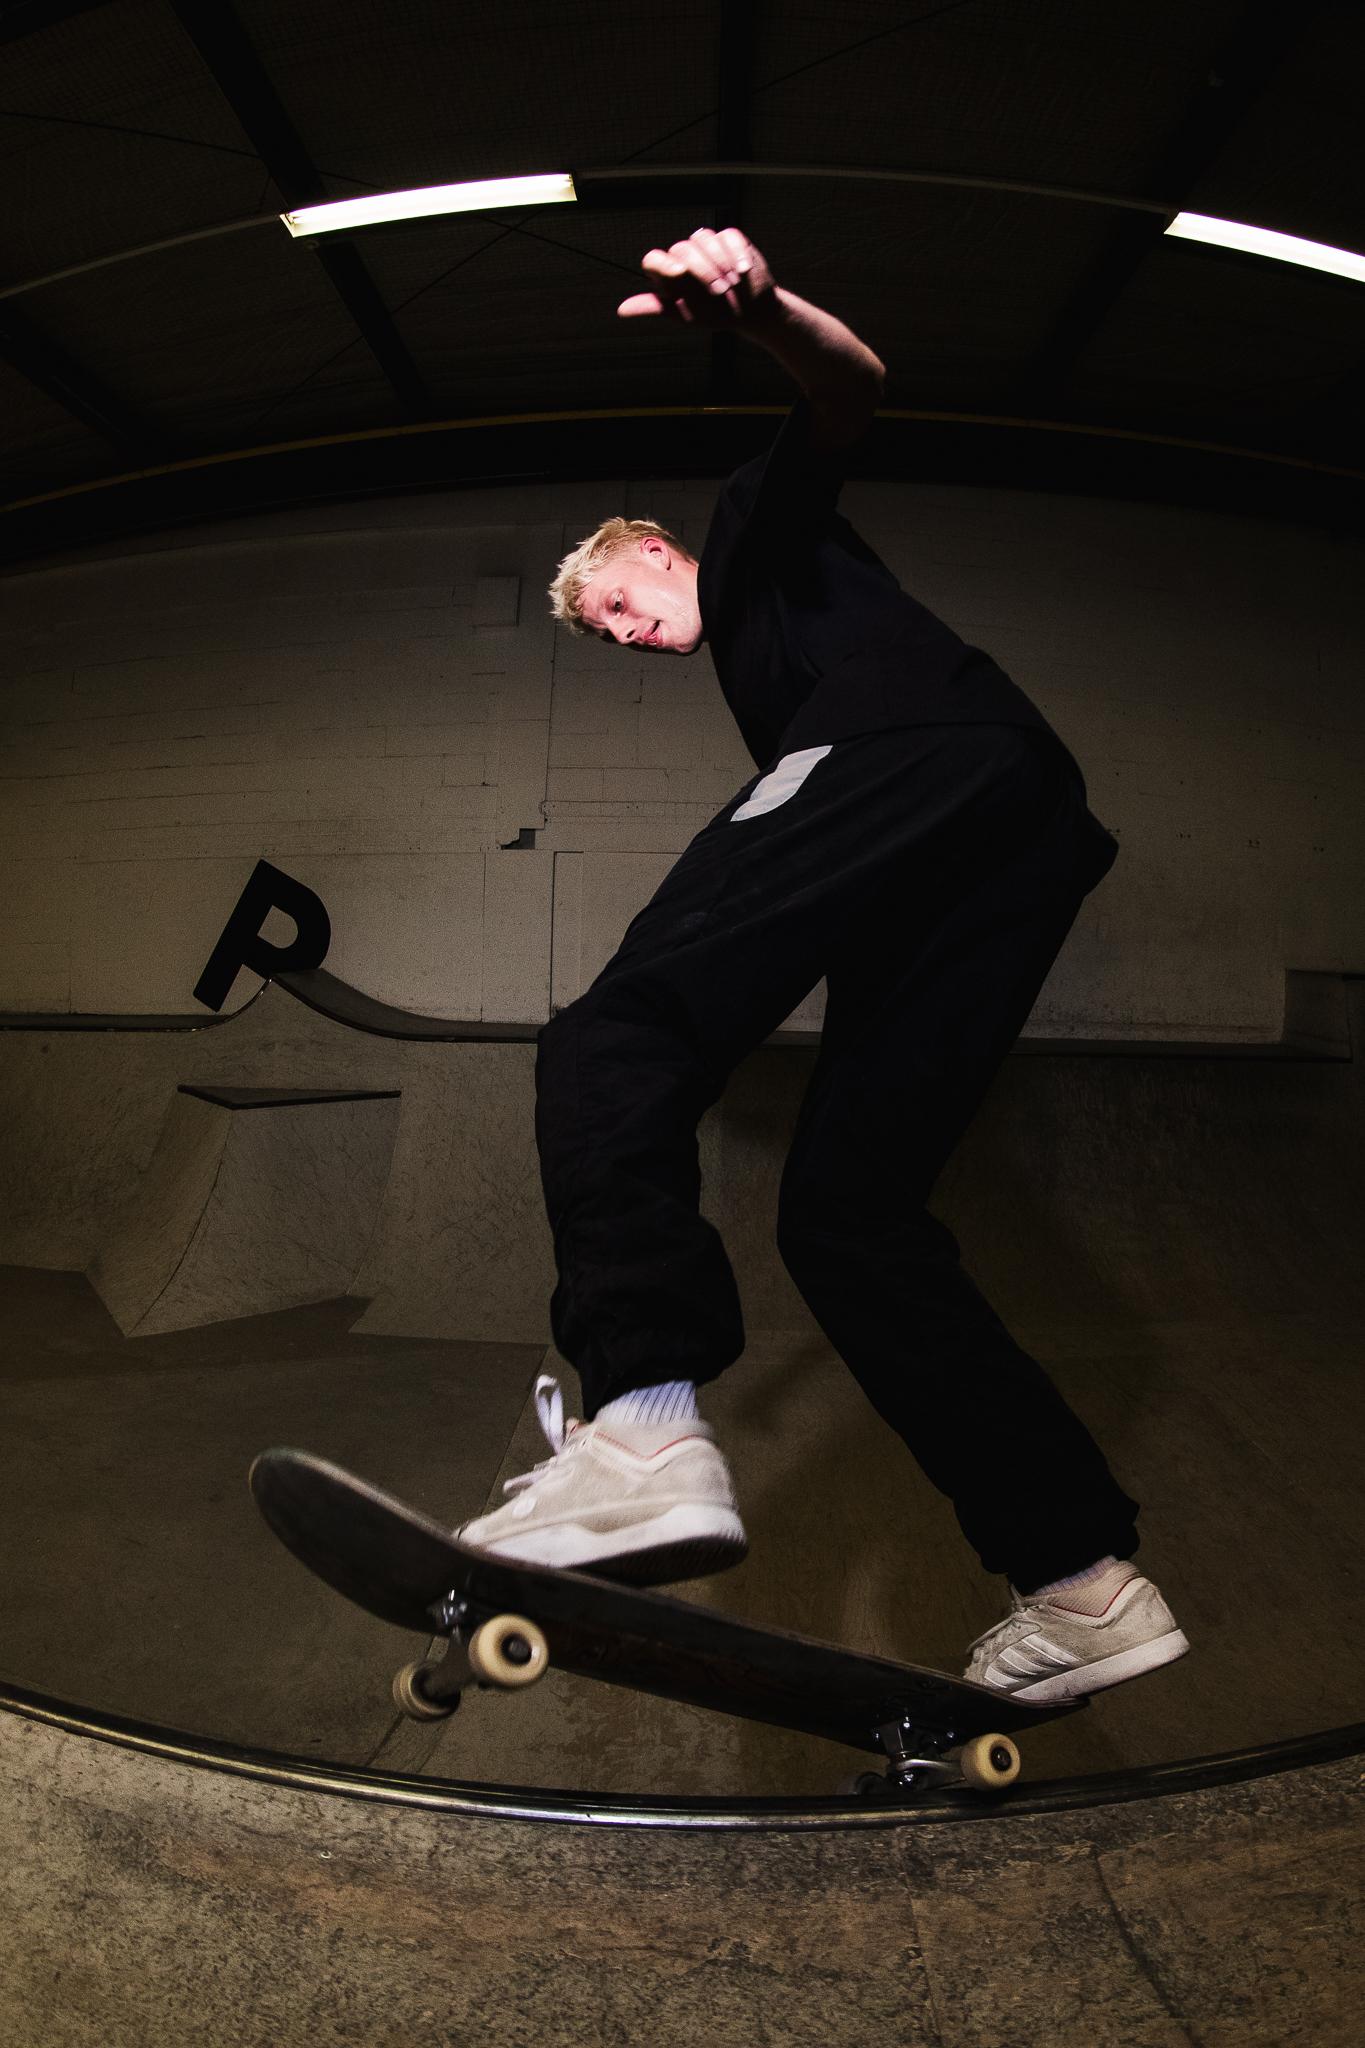 Skate Nick ten Meer